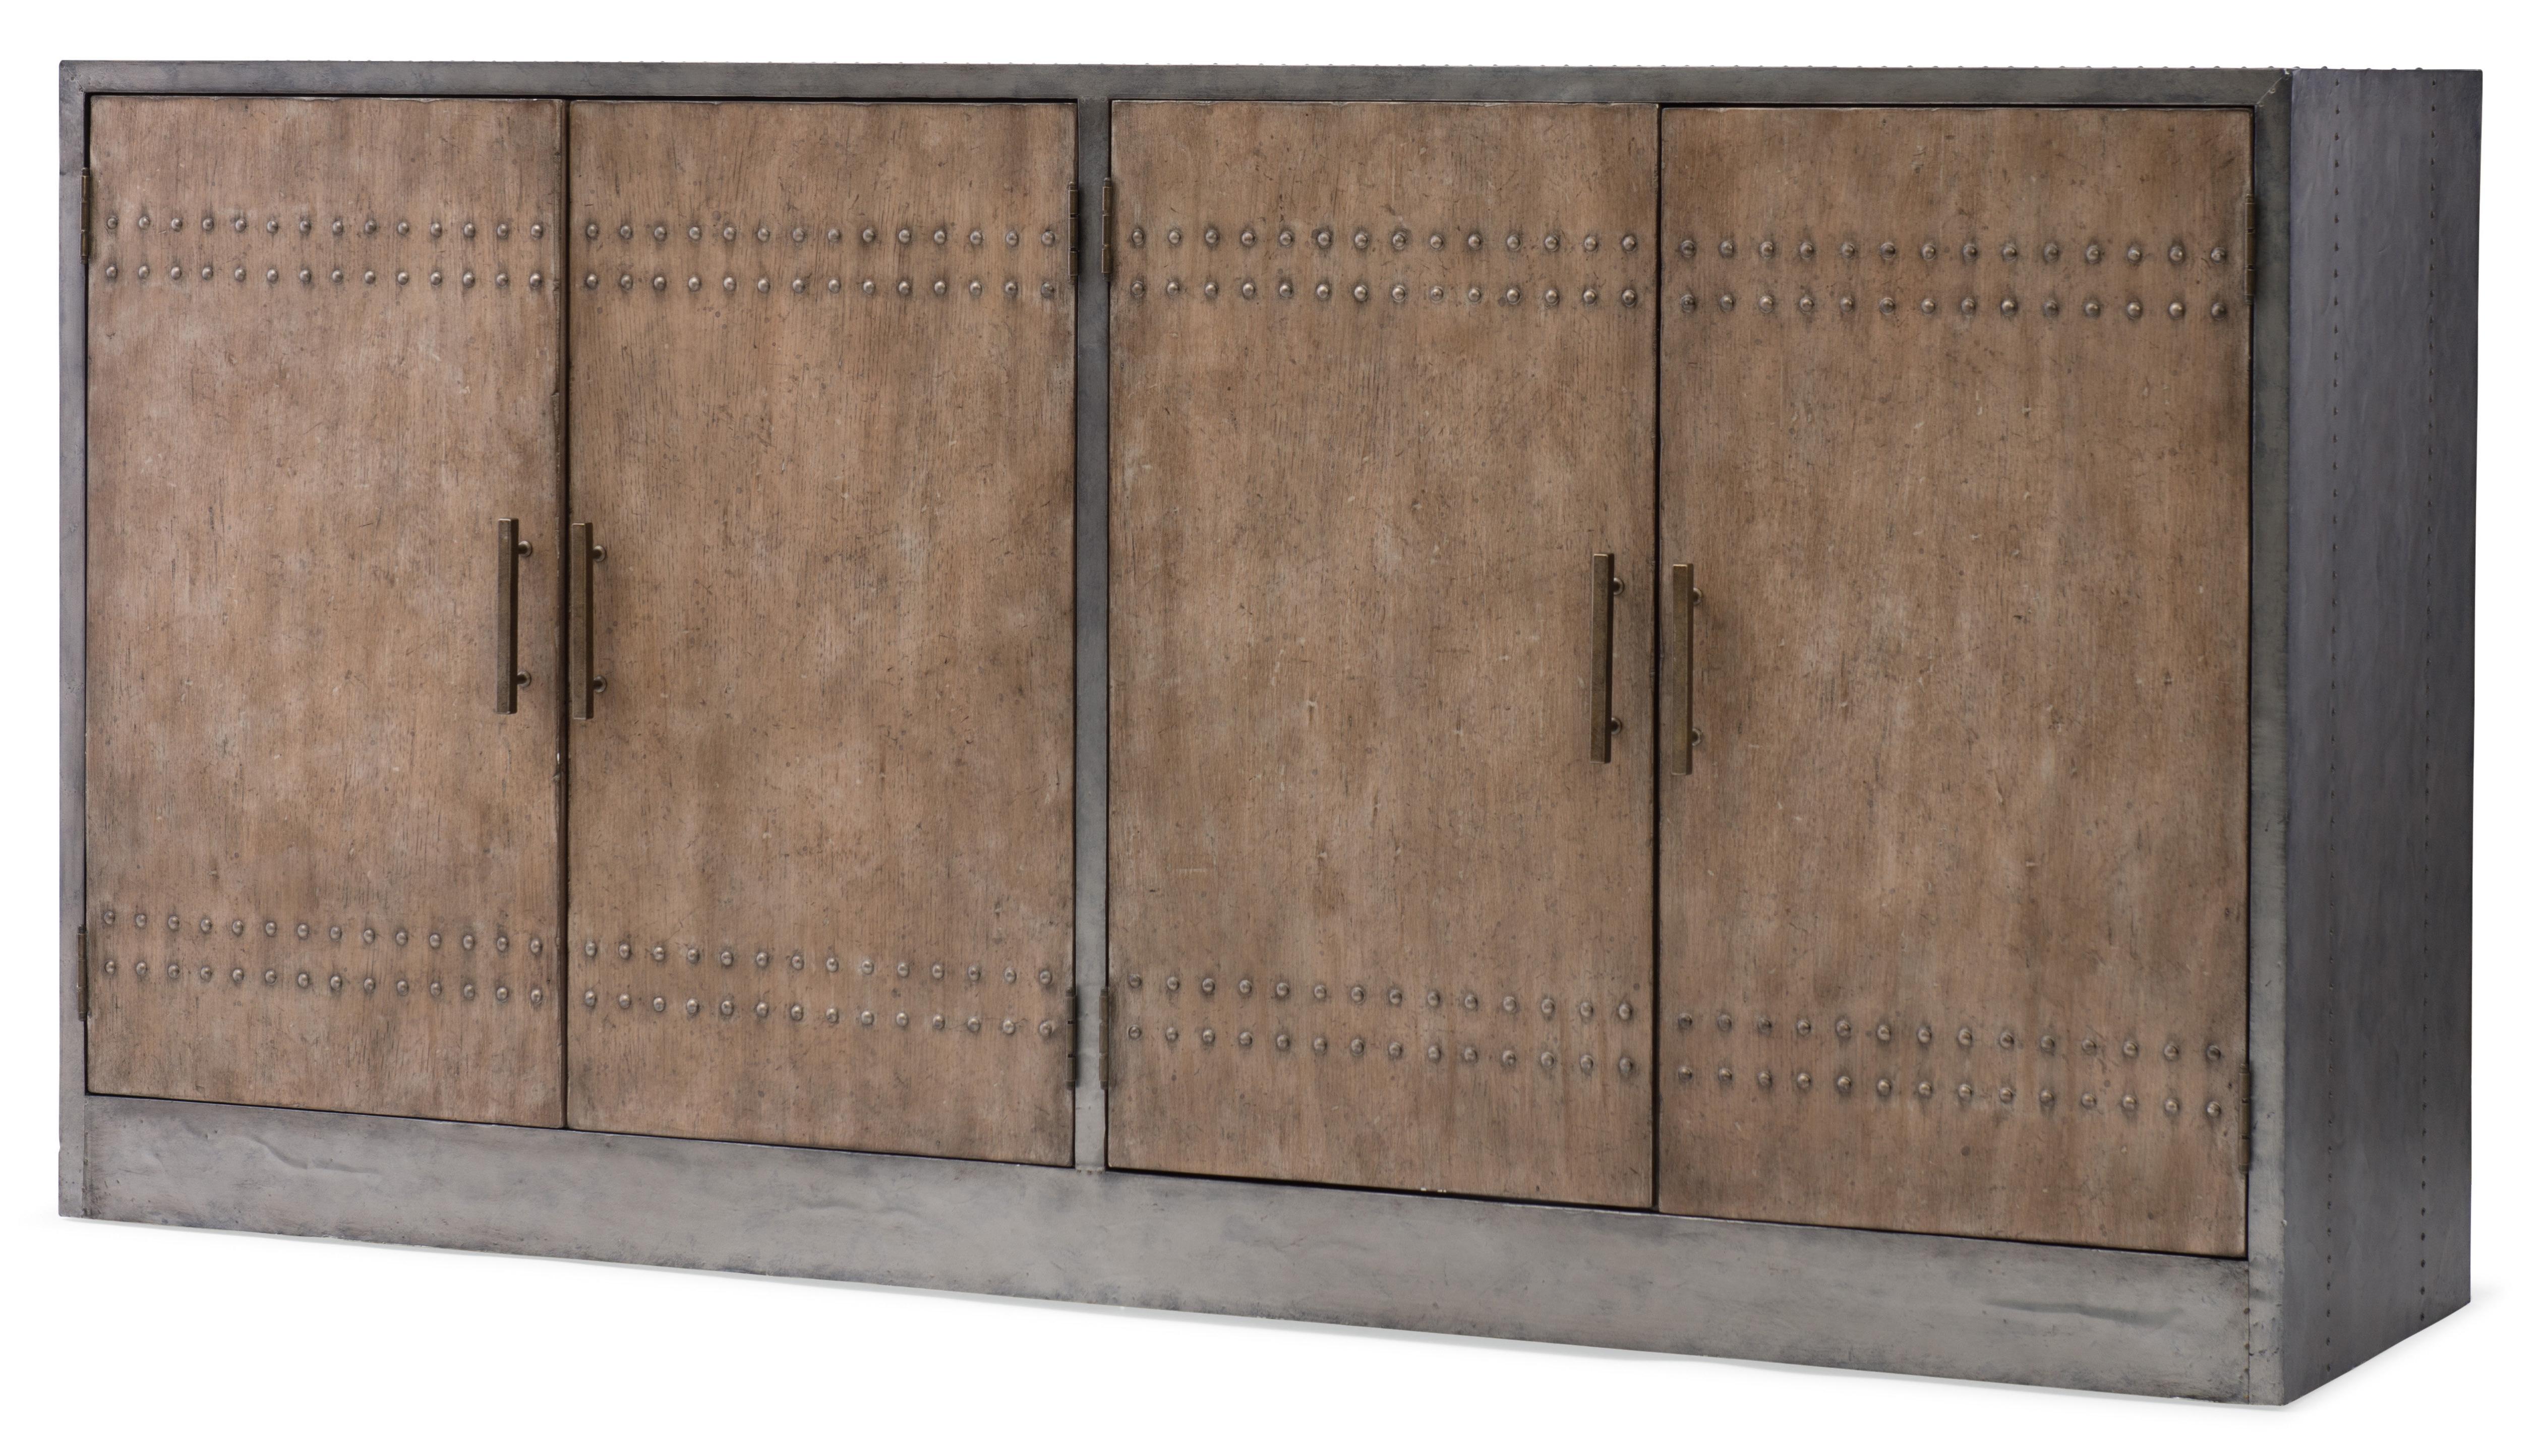 Barn Door Sideboard | Wayfair In Steinhatchee Reclaimed Pine 4 Door Sideboards (View 5 of 20)